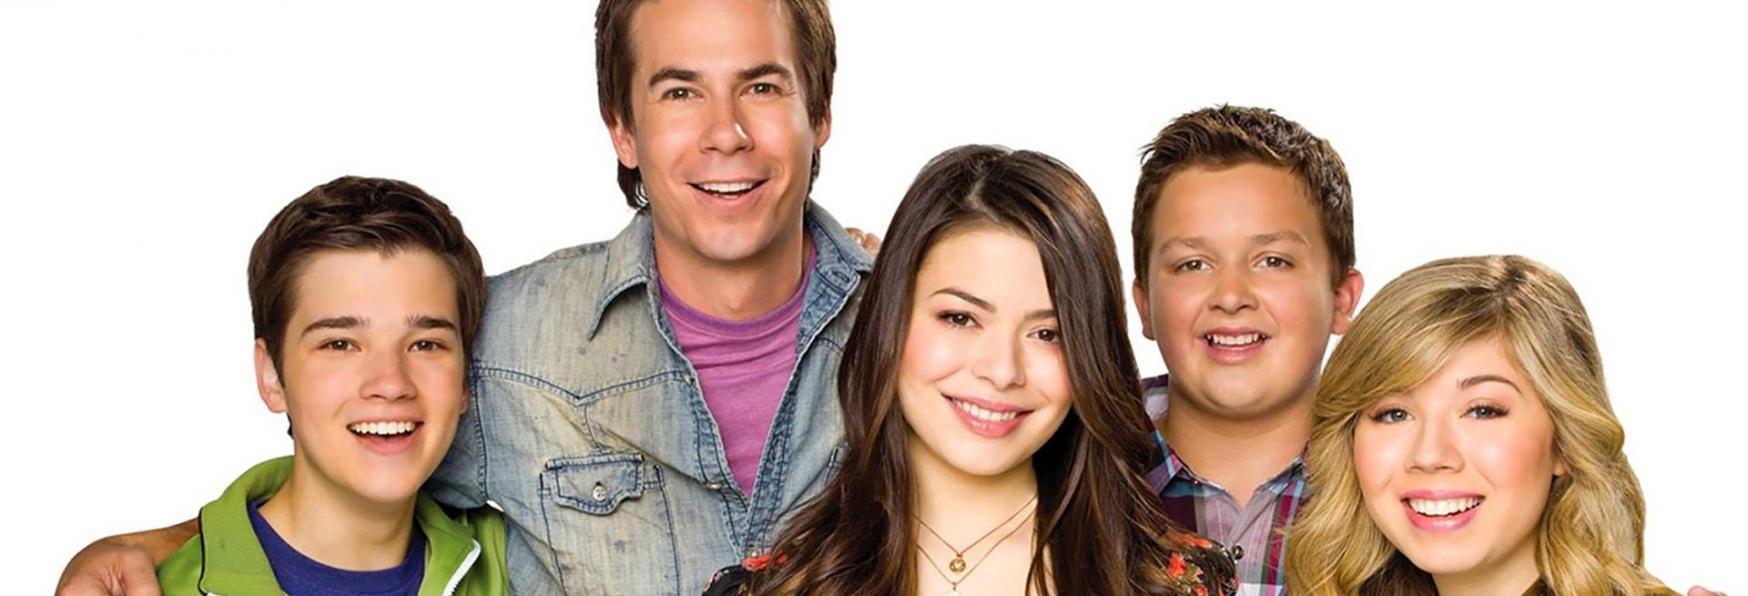 iCarly: Paramount annuncia l'inizio della Produzione di un Revival della Serie TV